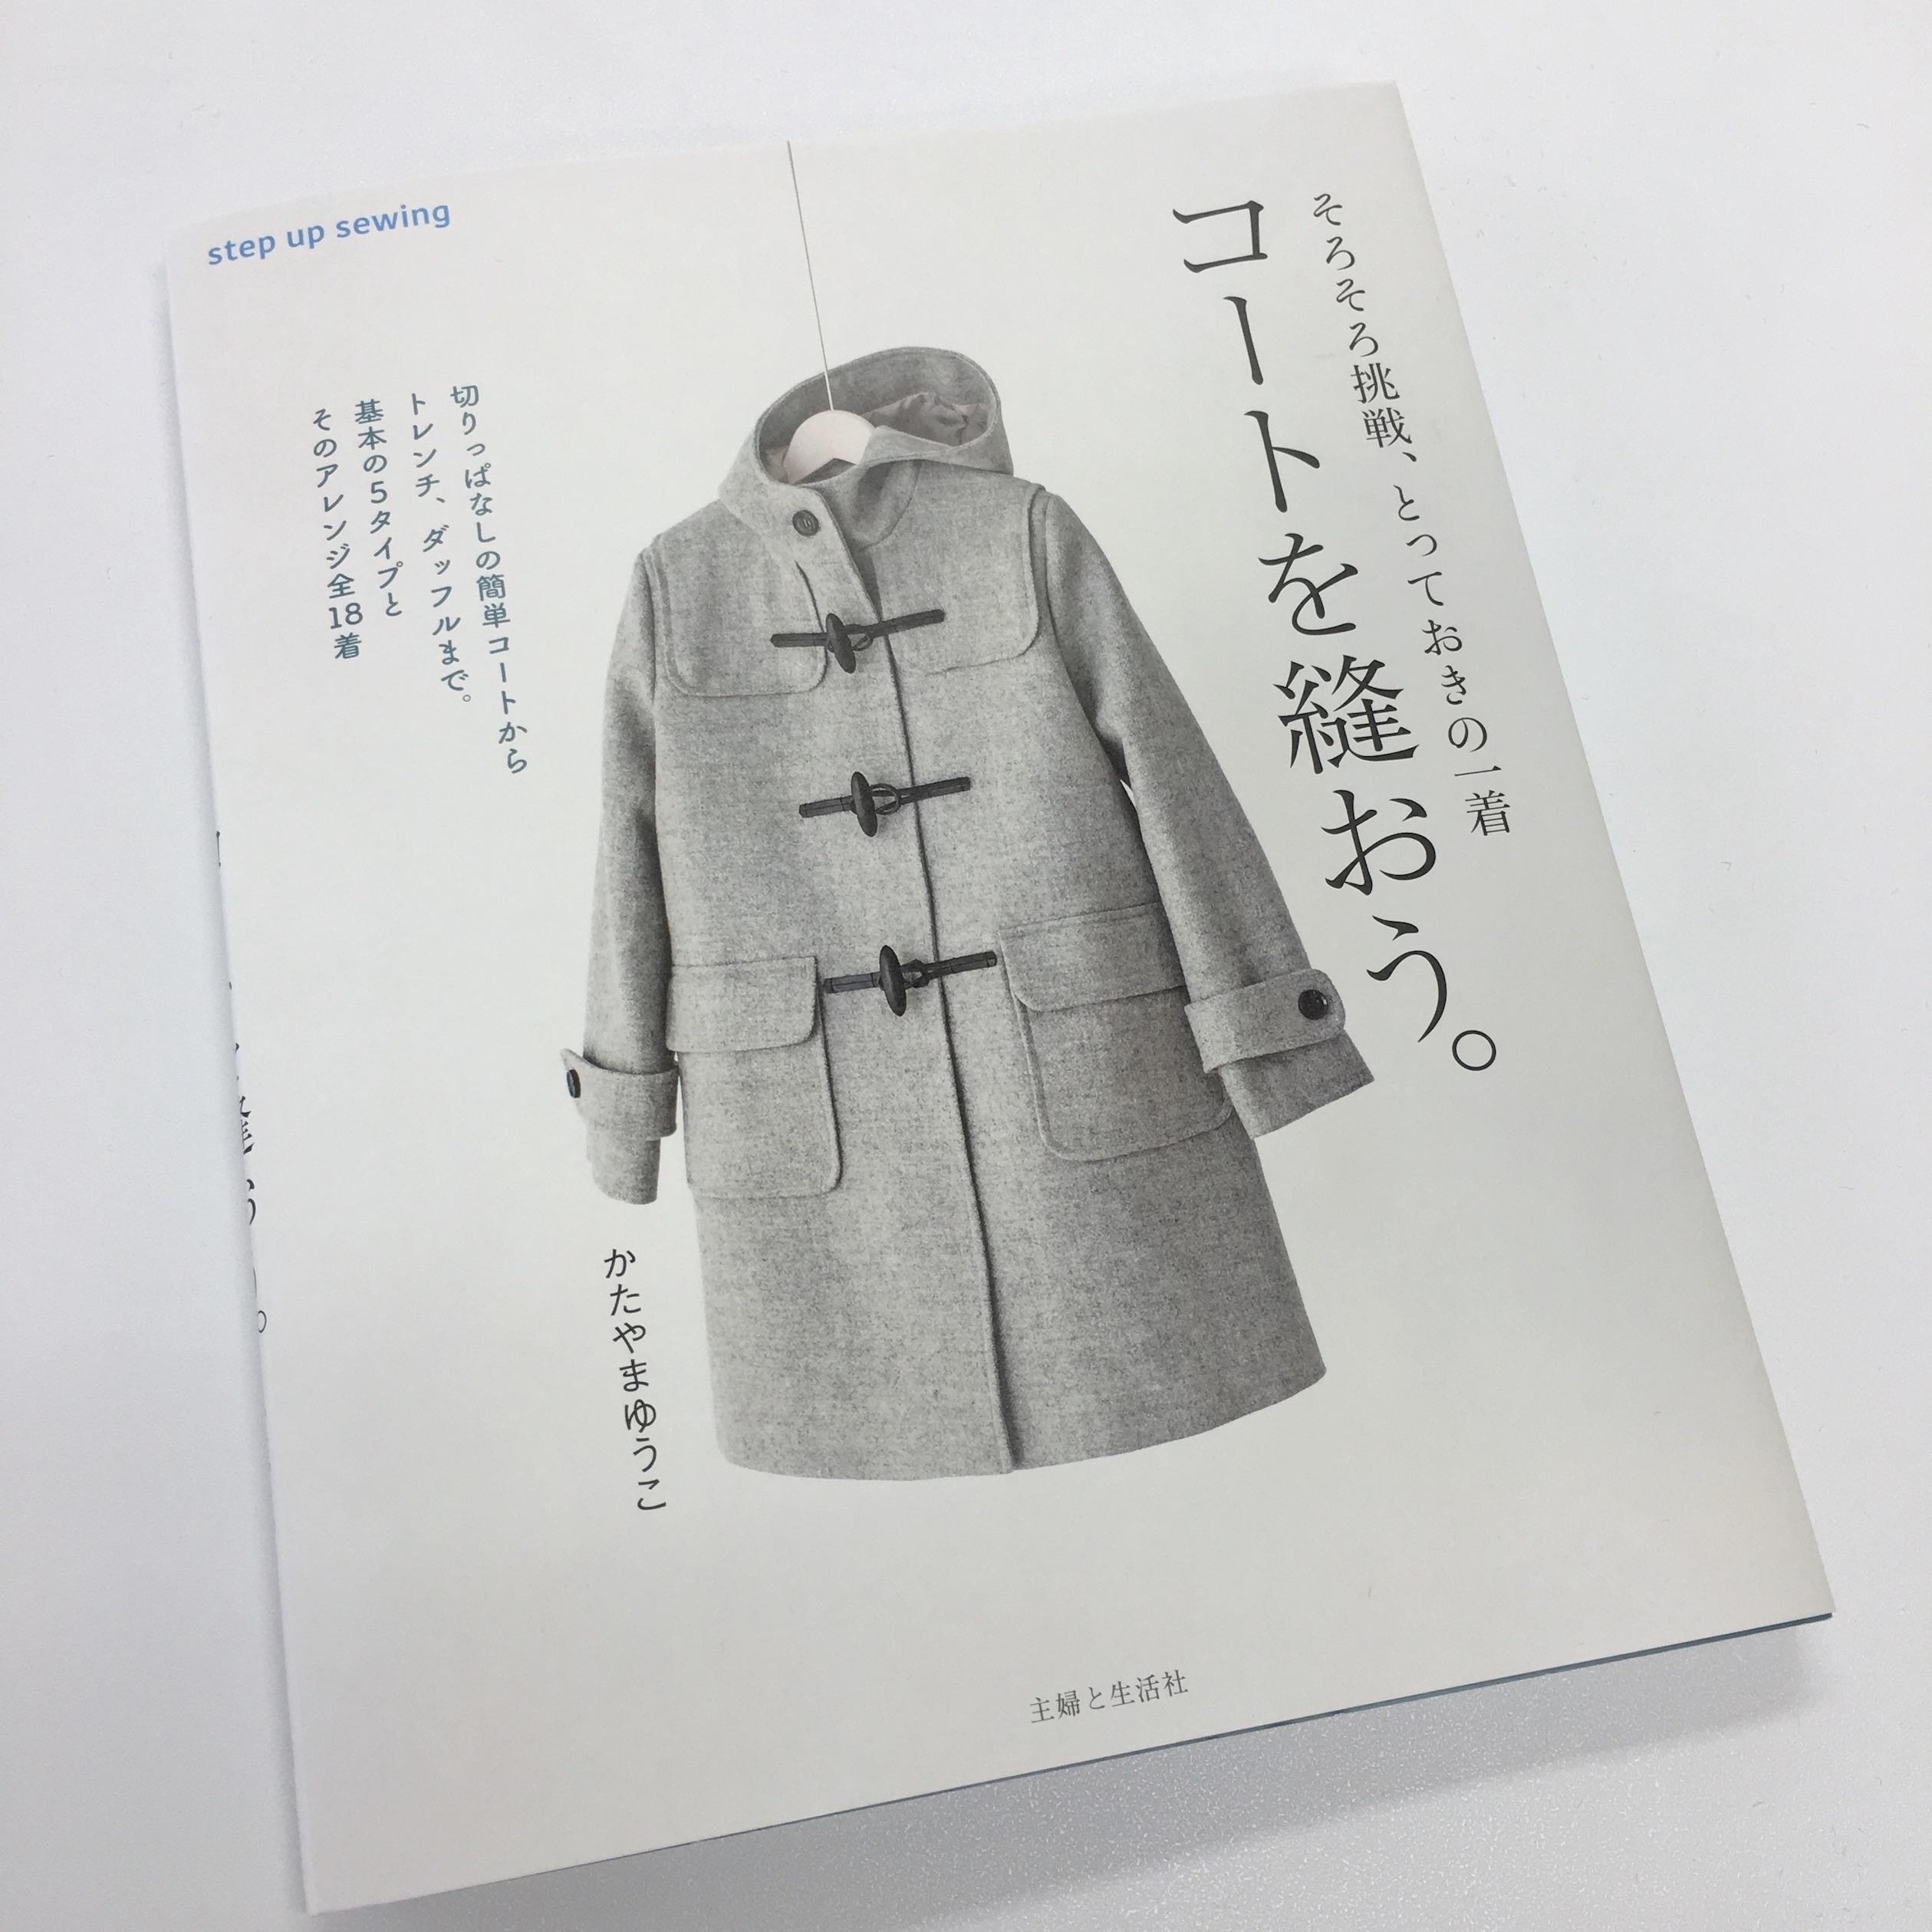 コートを縫おう。 E-1、E-2の型紙